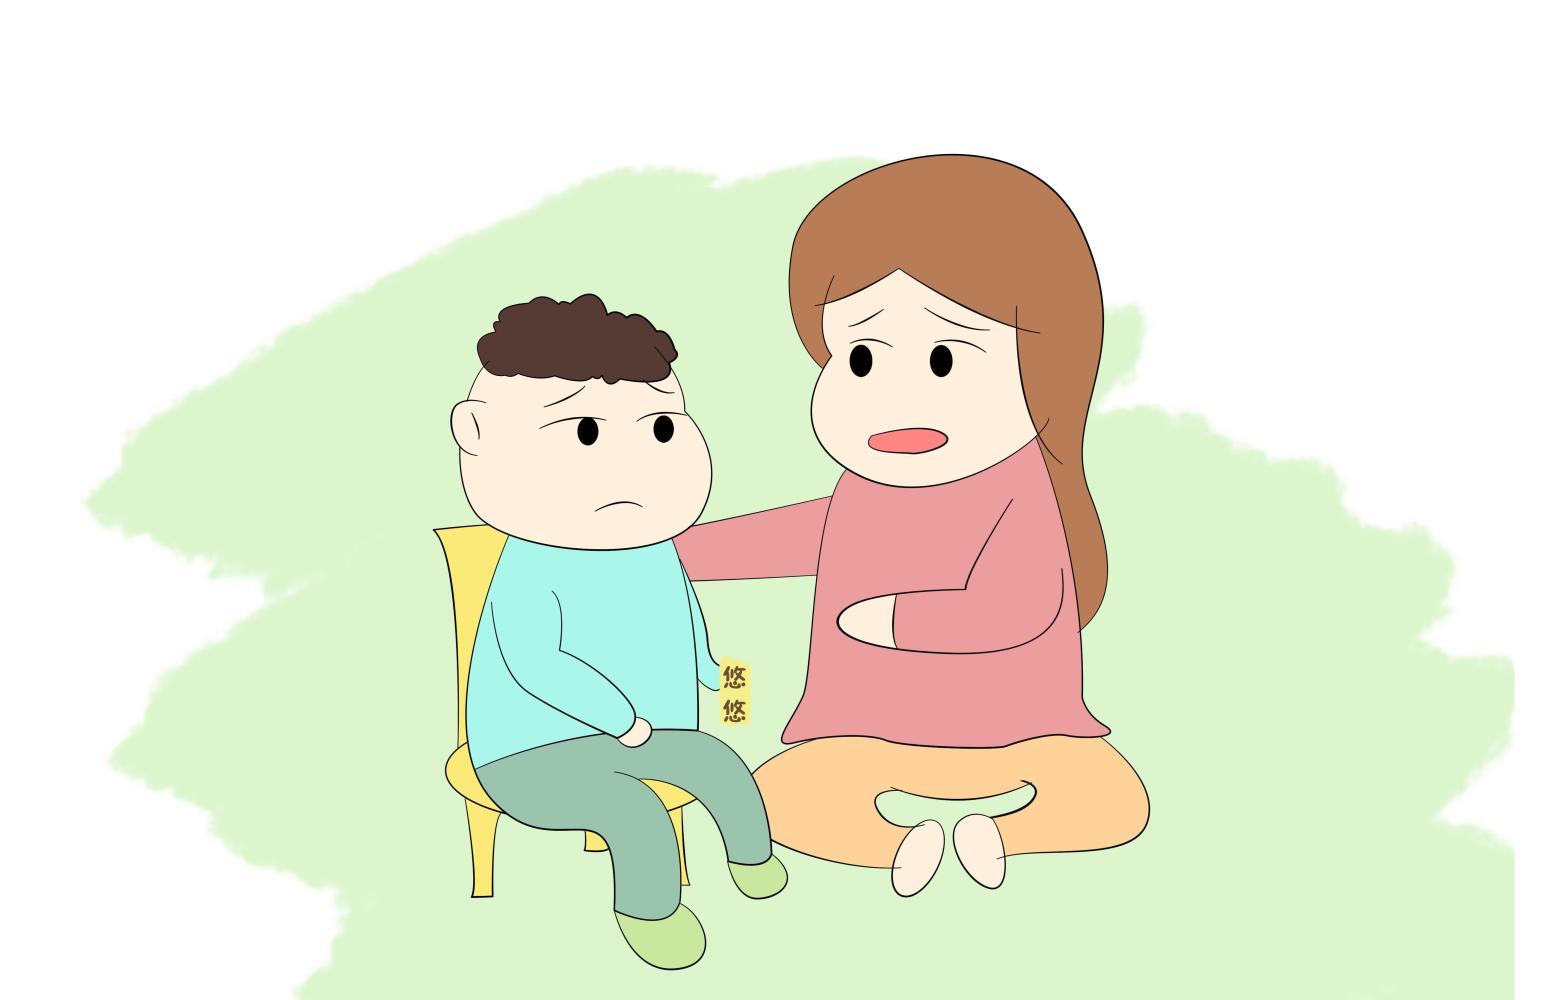 孩子有这五个特征, 是被宠坏的征兆, 不能再惯着!